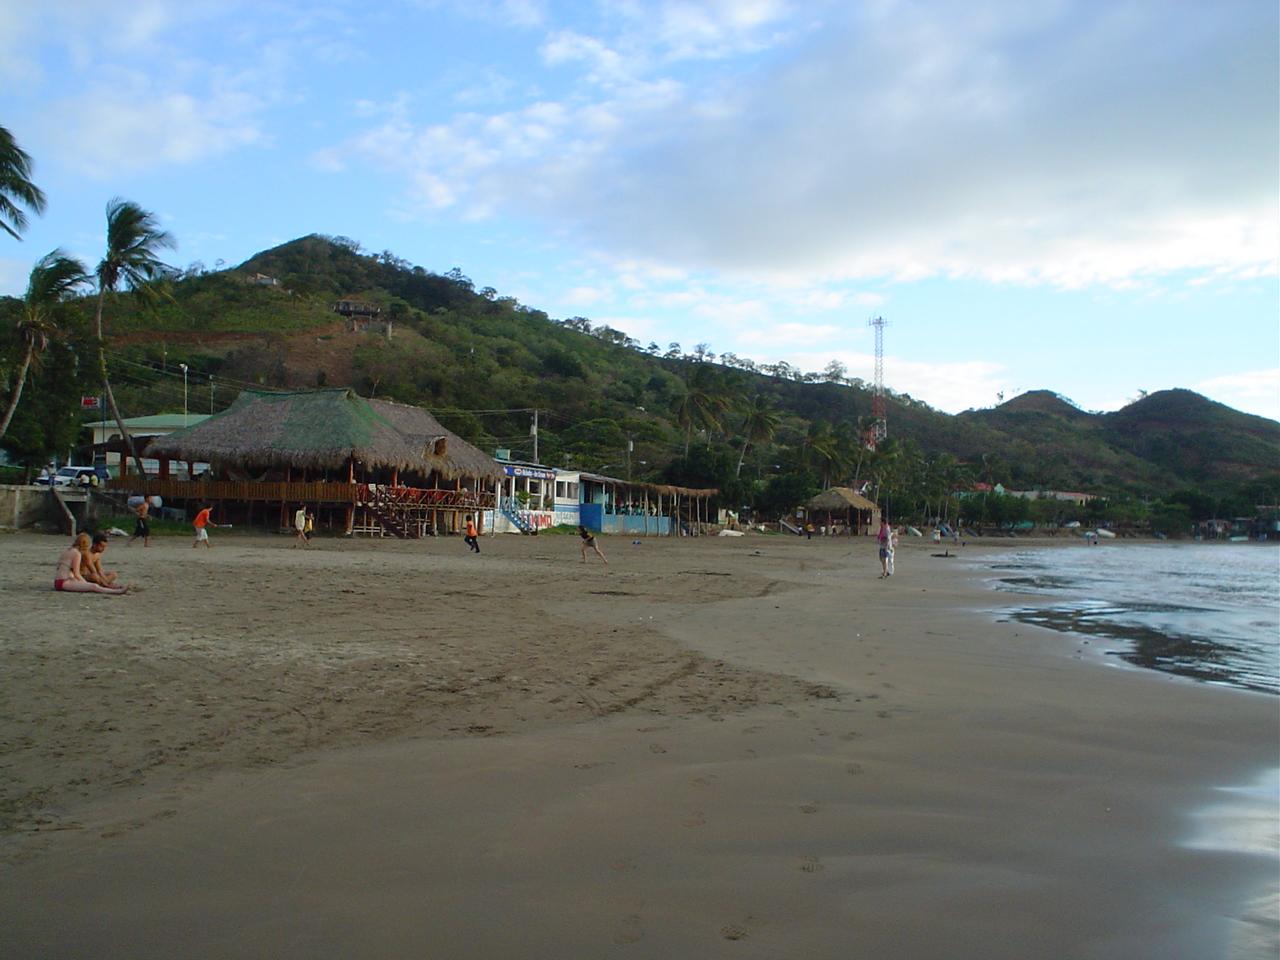 San Juan Del Sur Nicaragua  city photos gallery : San Juan del Sur Nicaragua Wikimedia Commons